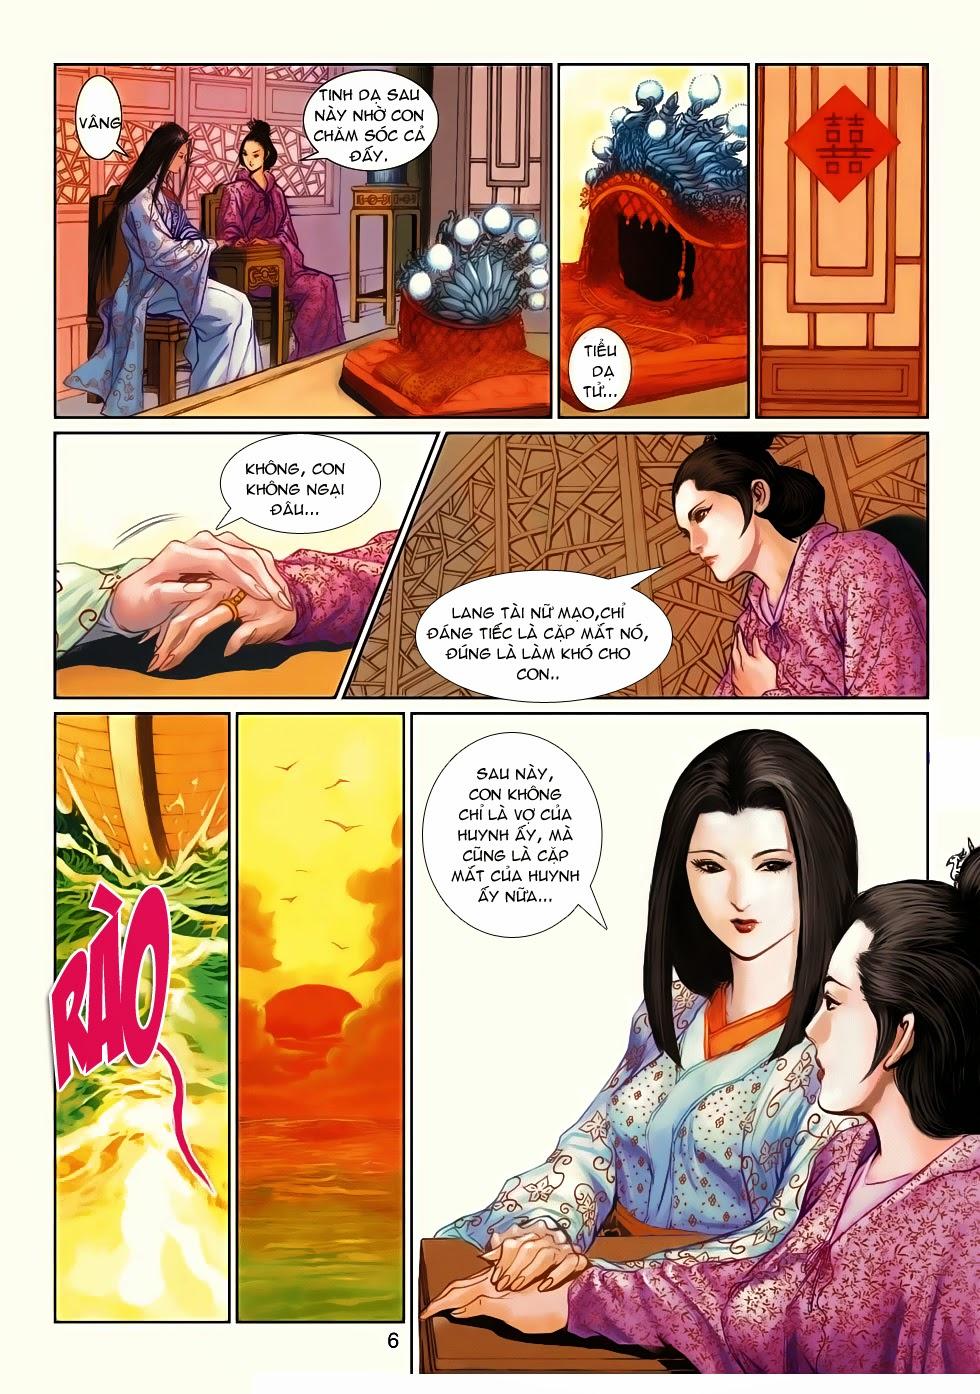 Thần Binh Tiền Truyện 4 - Huyền Thiên Tà Đế chap 10 - Trang 6